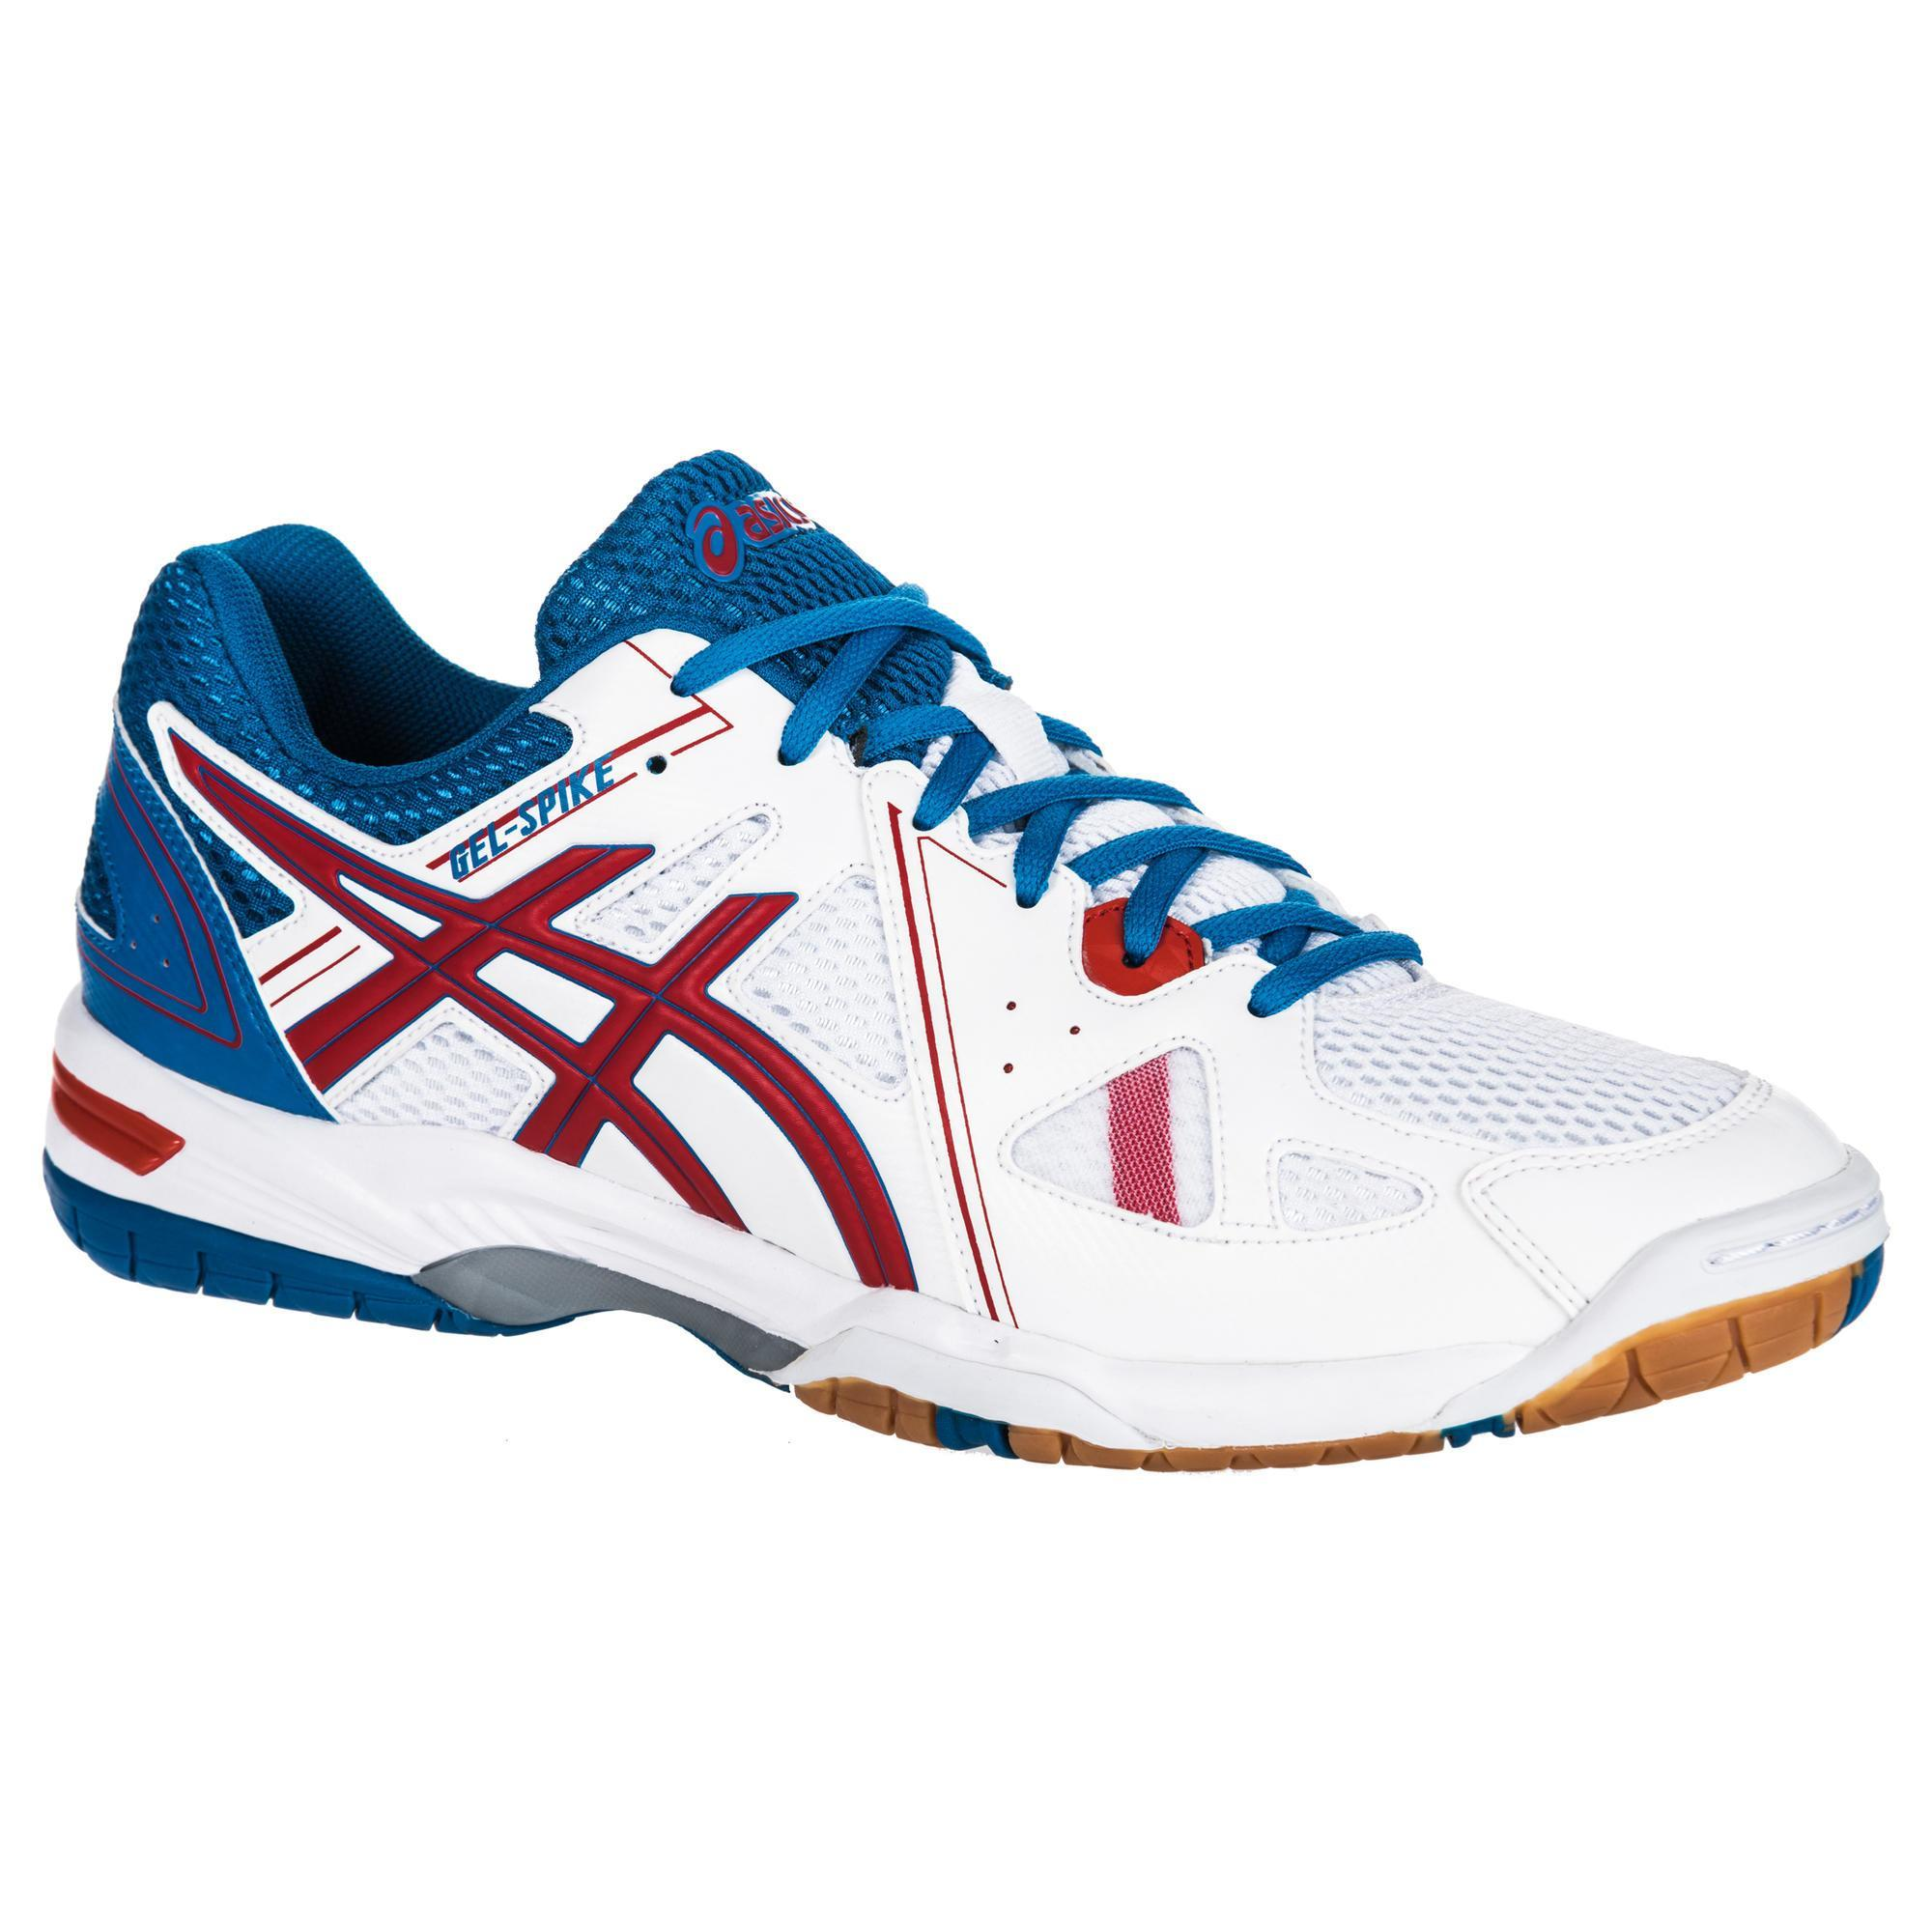 best website b7f15 056f9 Comprar Zapatillas de Voleibol adultos y niños   Decathlon